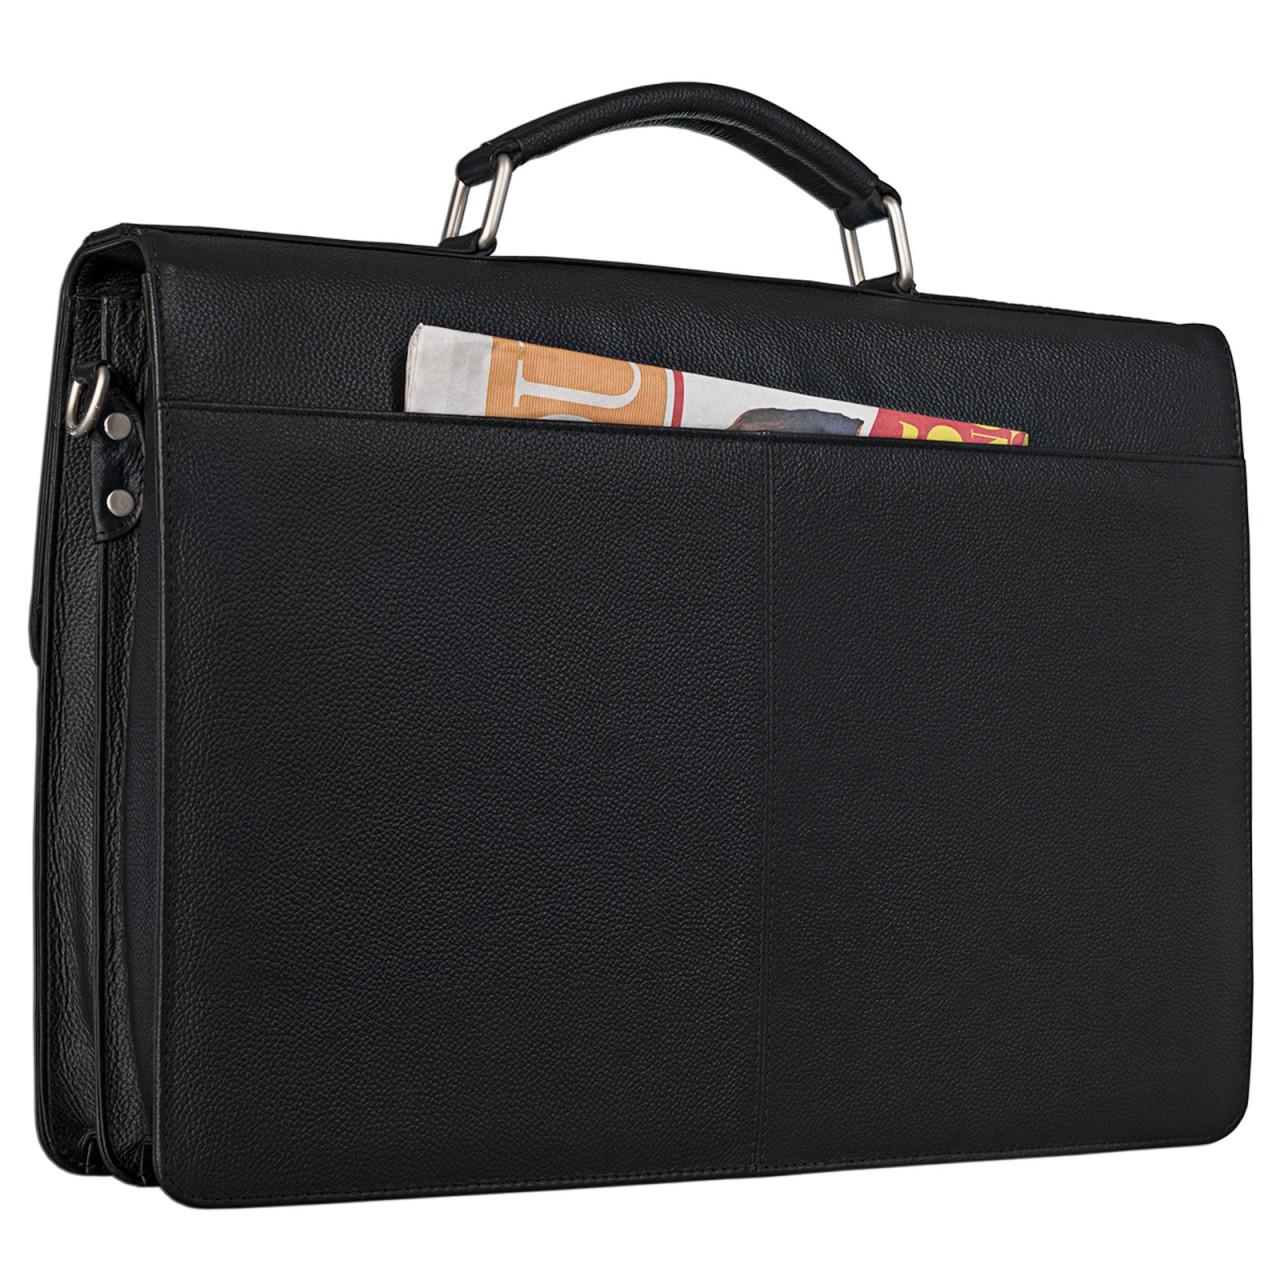 """STILORD """"Robert"""" Aktentasche Businesstasche 15,6 Zoll Laptopfach passend für große DIN A4 Ordner mit Schloss Rinds Leder - Bild 7"""